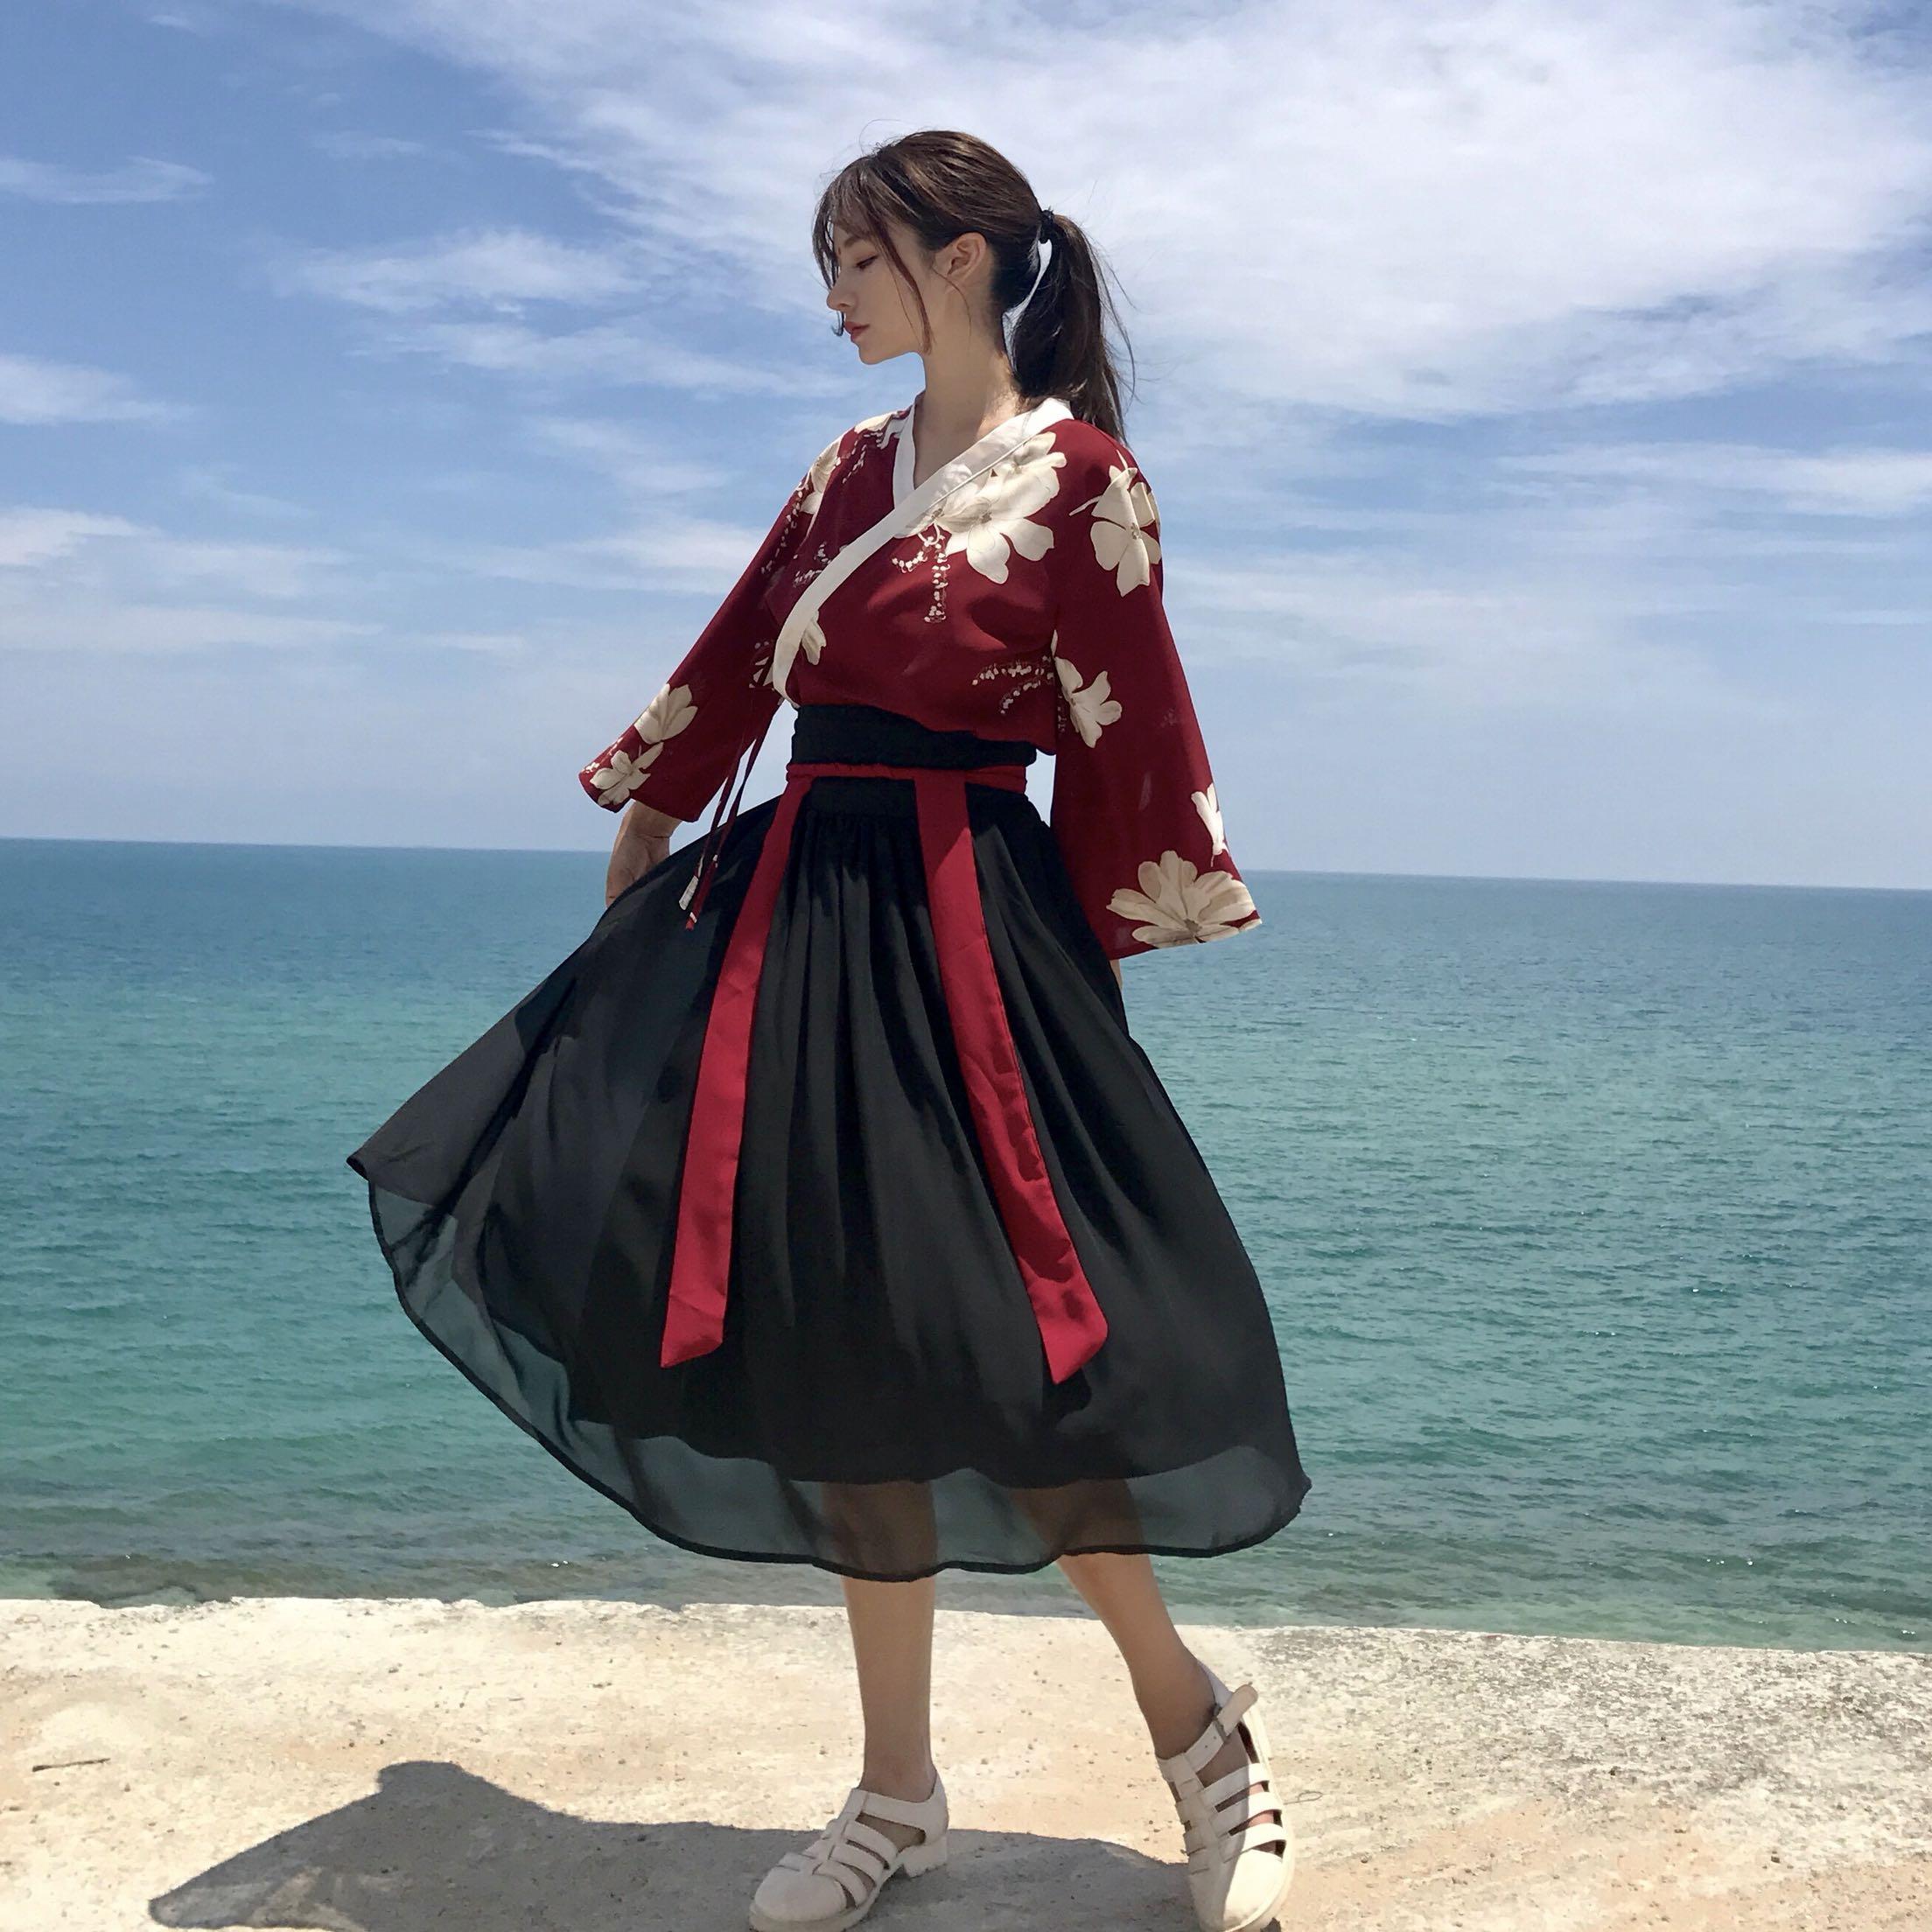 Femmes printemps et été marque de mode chine Style Vintage Hanfu ancien ensemble fleur imprimé chemise noir gaze jupe Cosplay tissu